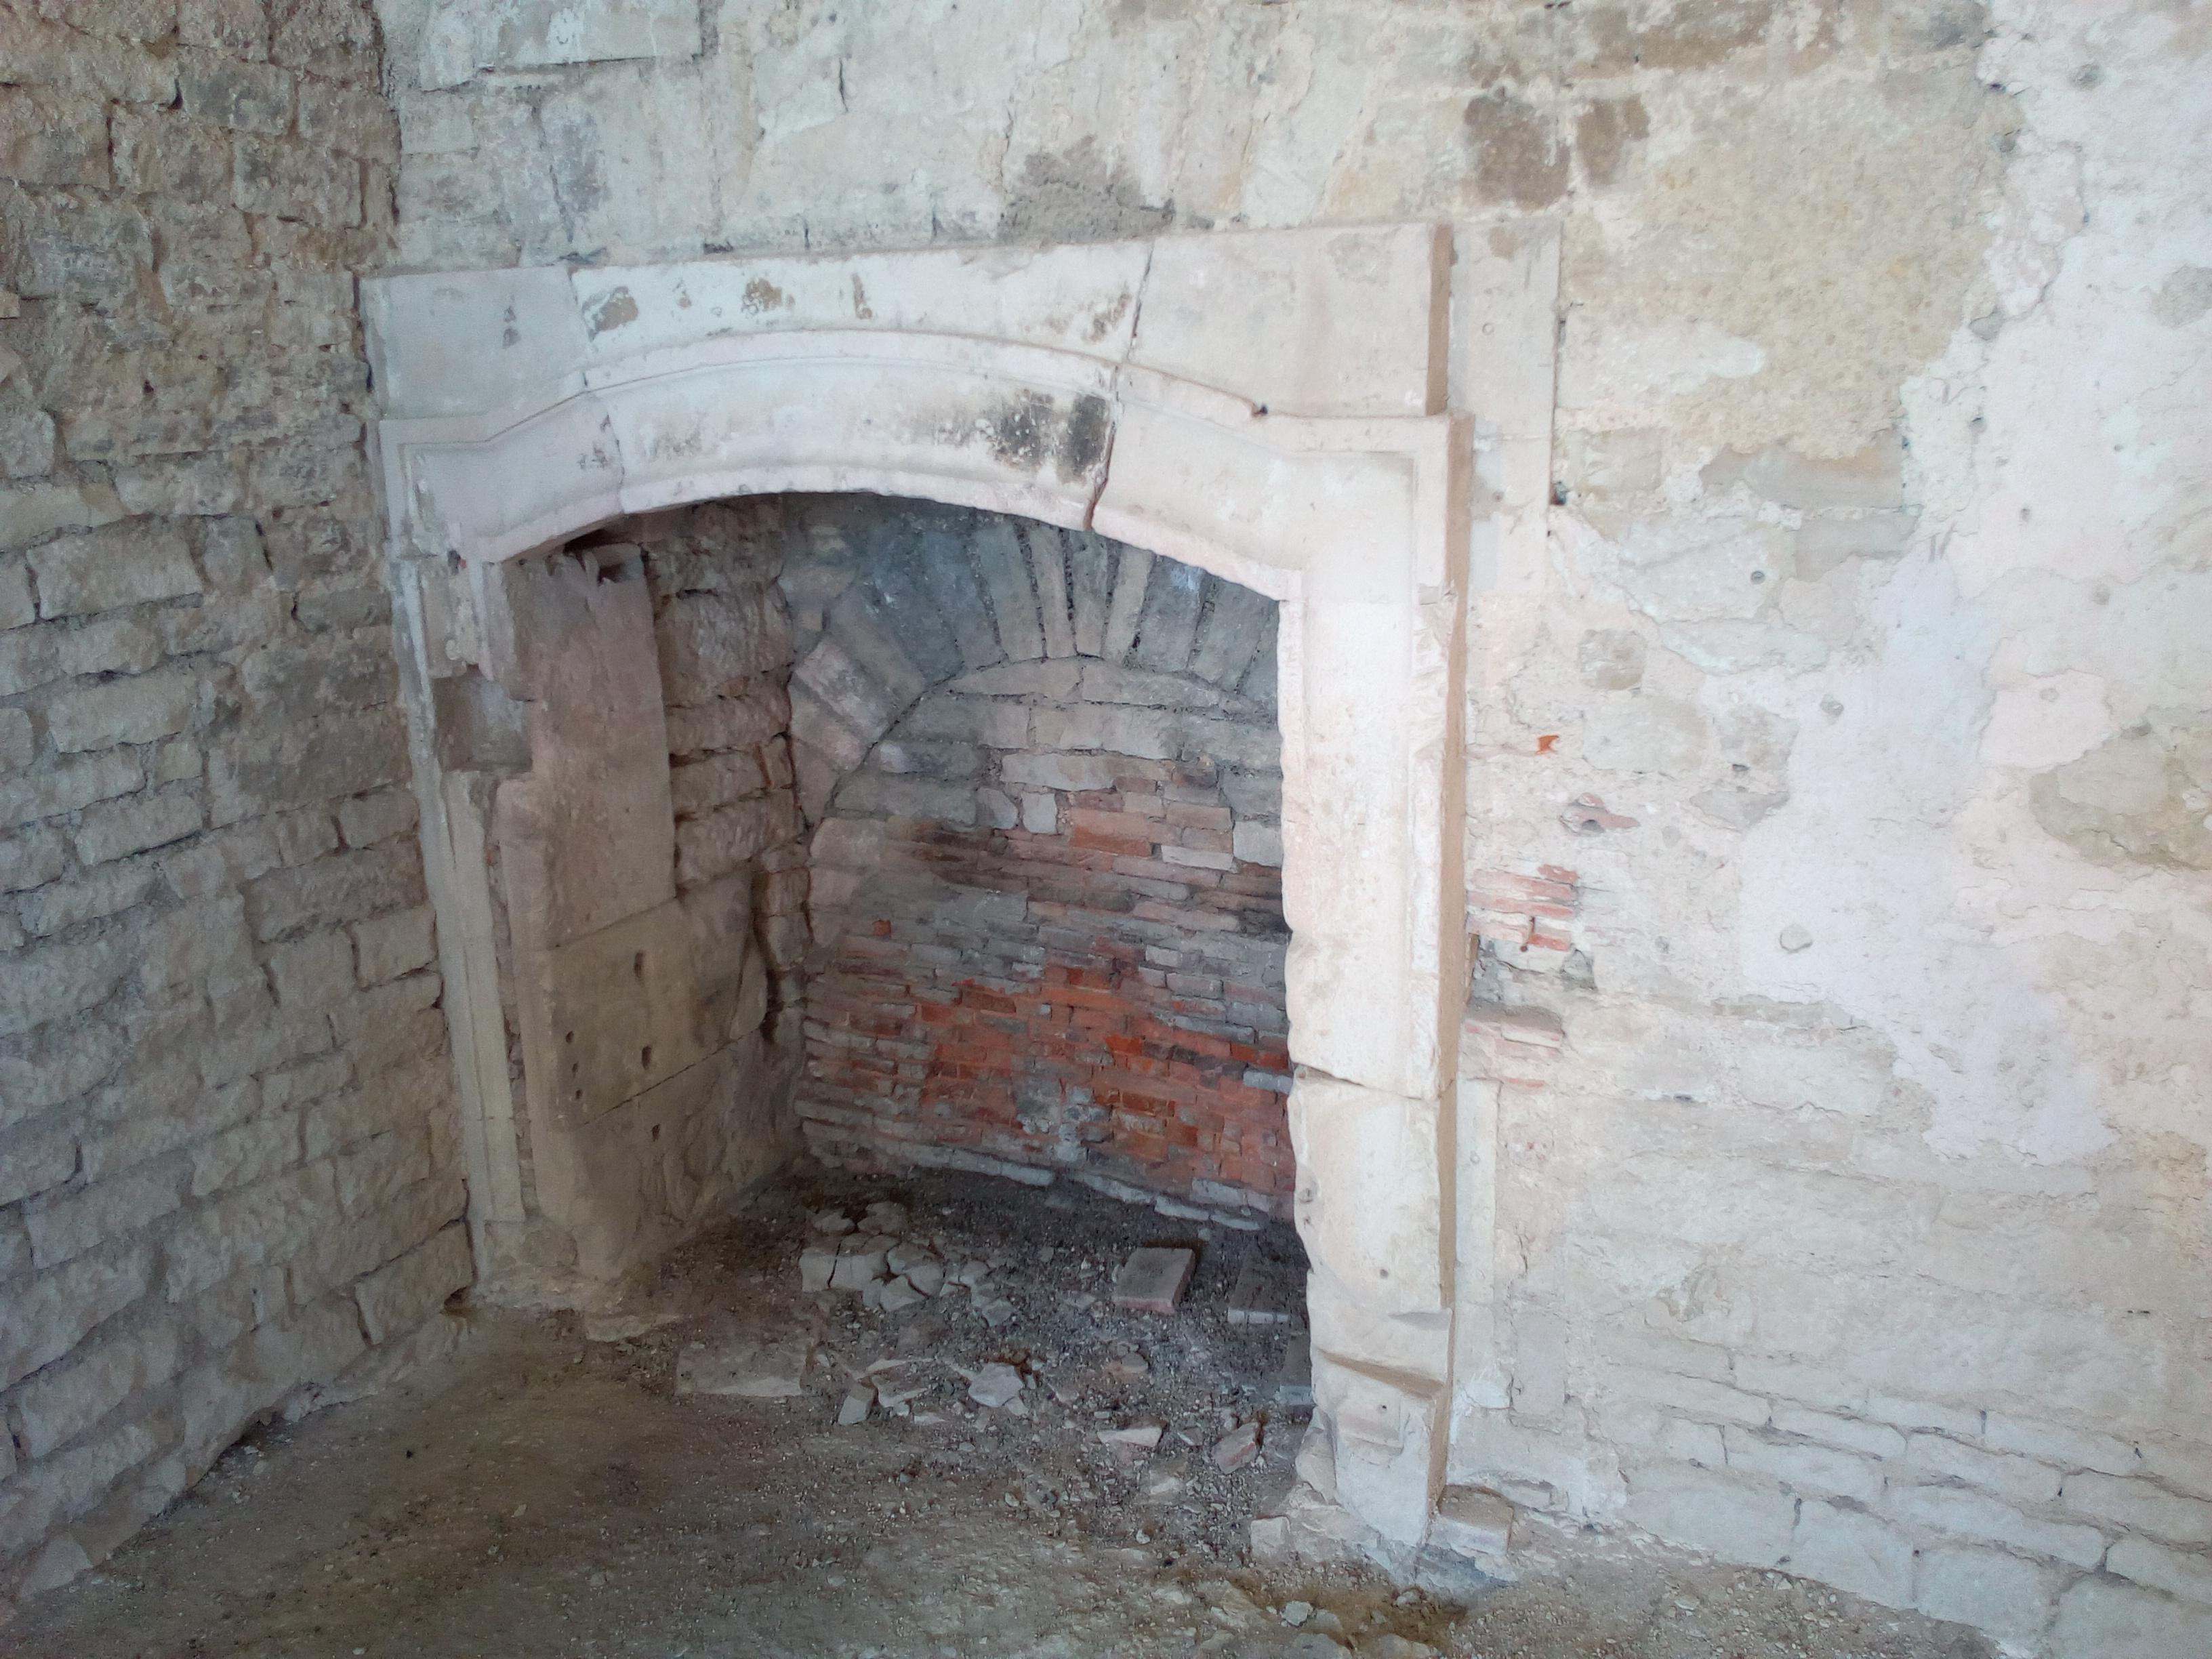 Cheminée du Château de Maulnes à Cruzy-le-Châtel (89)